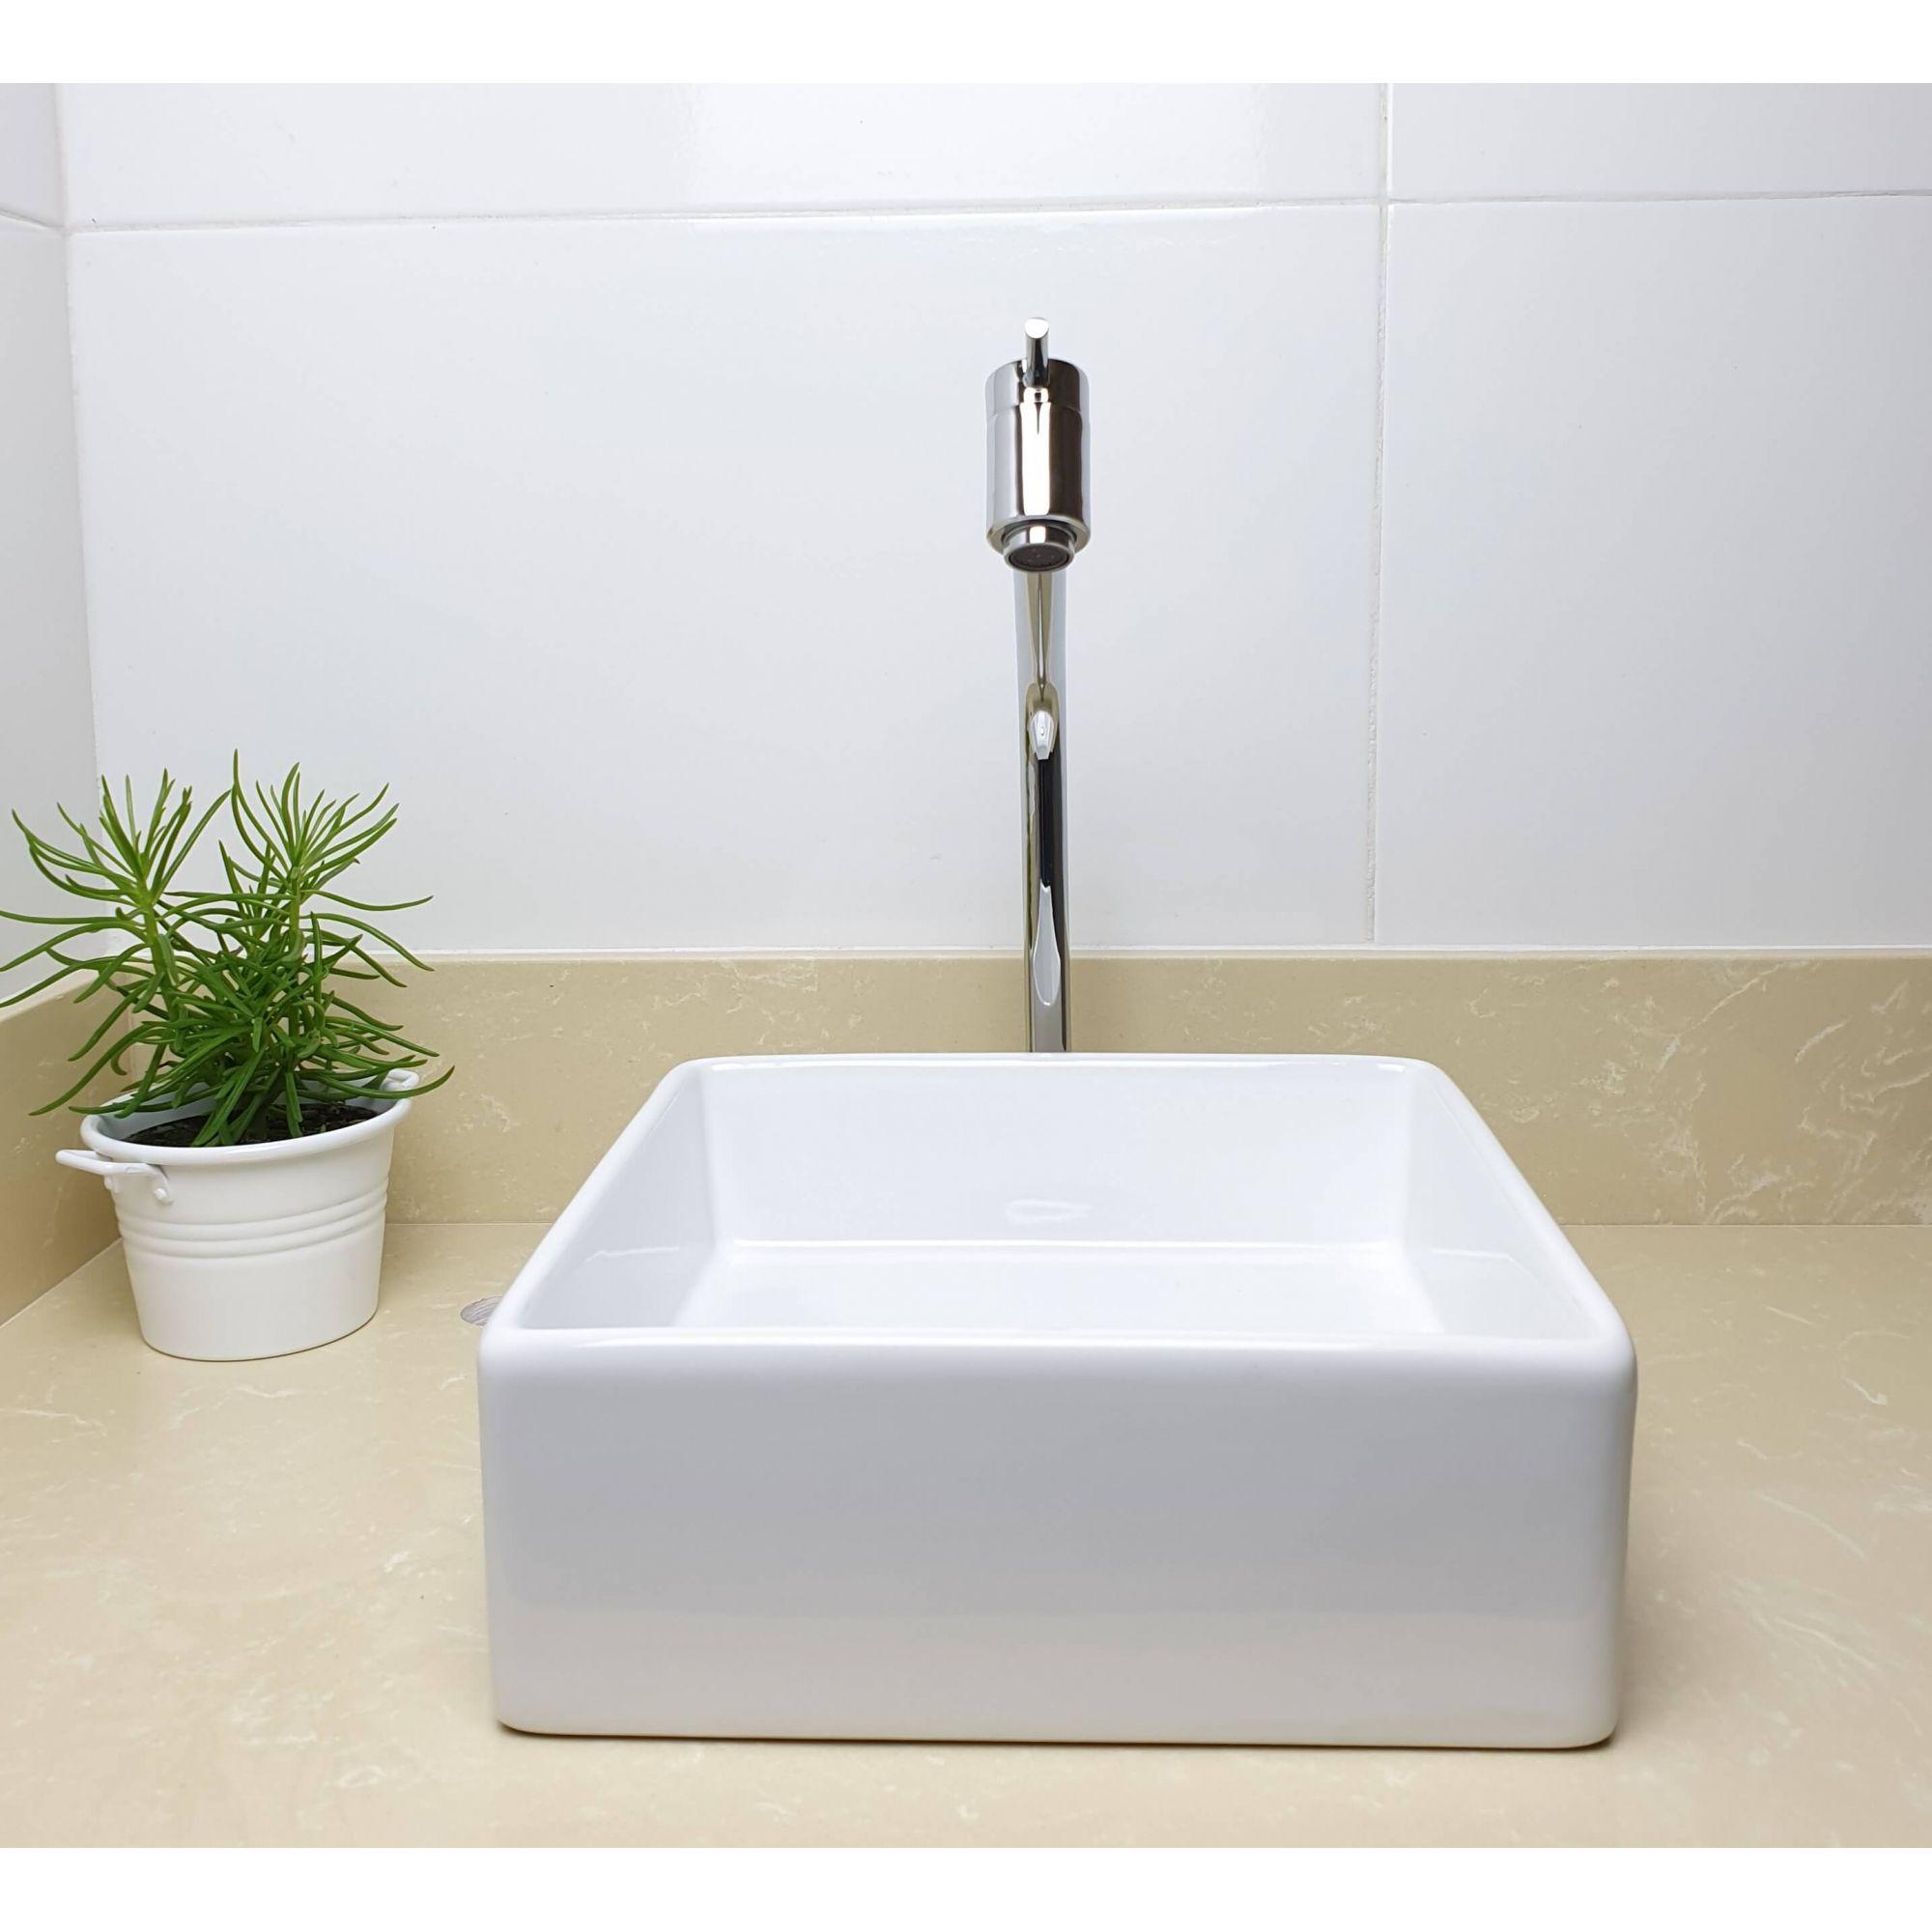 Cuba Banheiro Apoio Quadrada 30x30cm com Torneira Bica Alta,  Válvula Click  Sifão e Flexível  - DOTEC SHOP